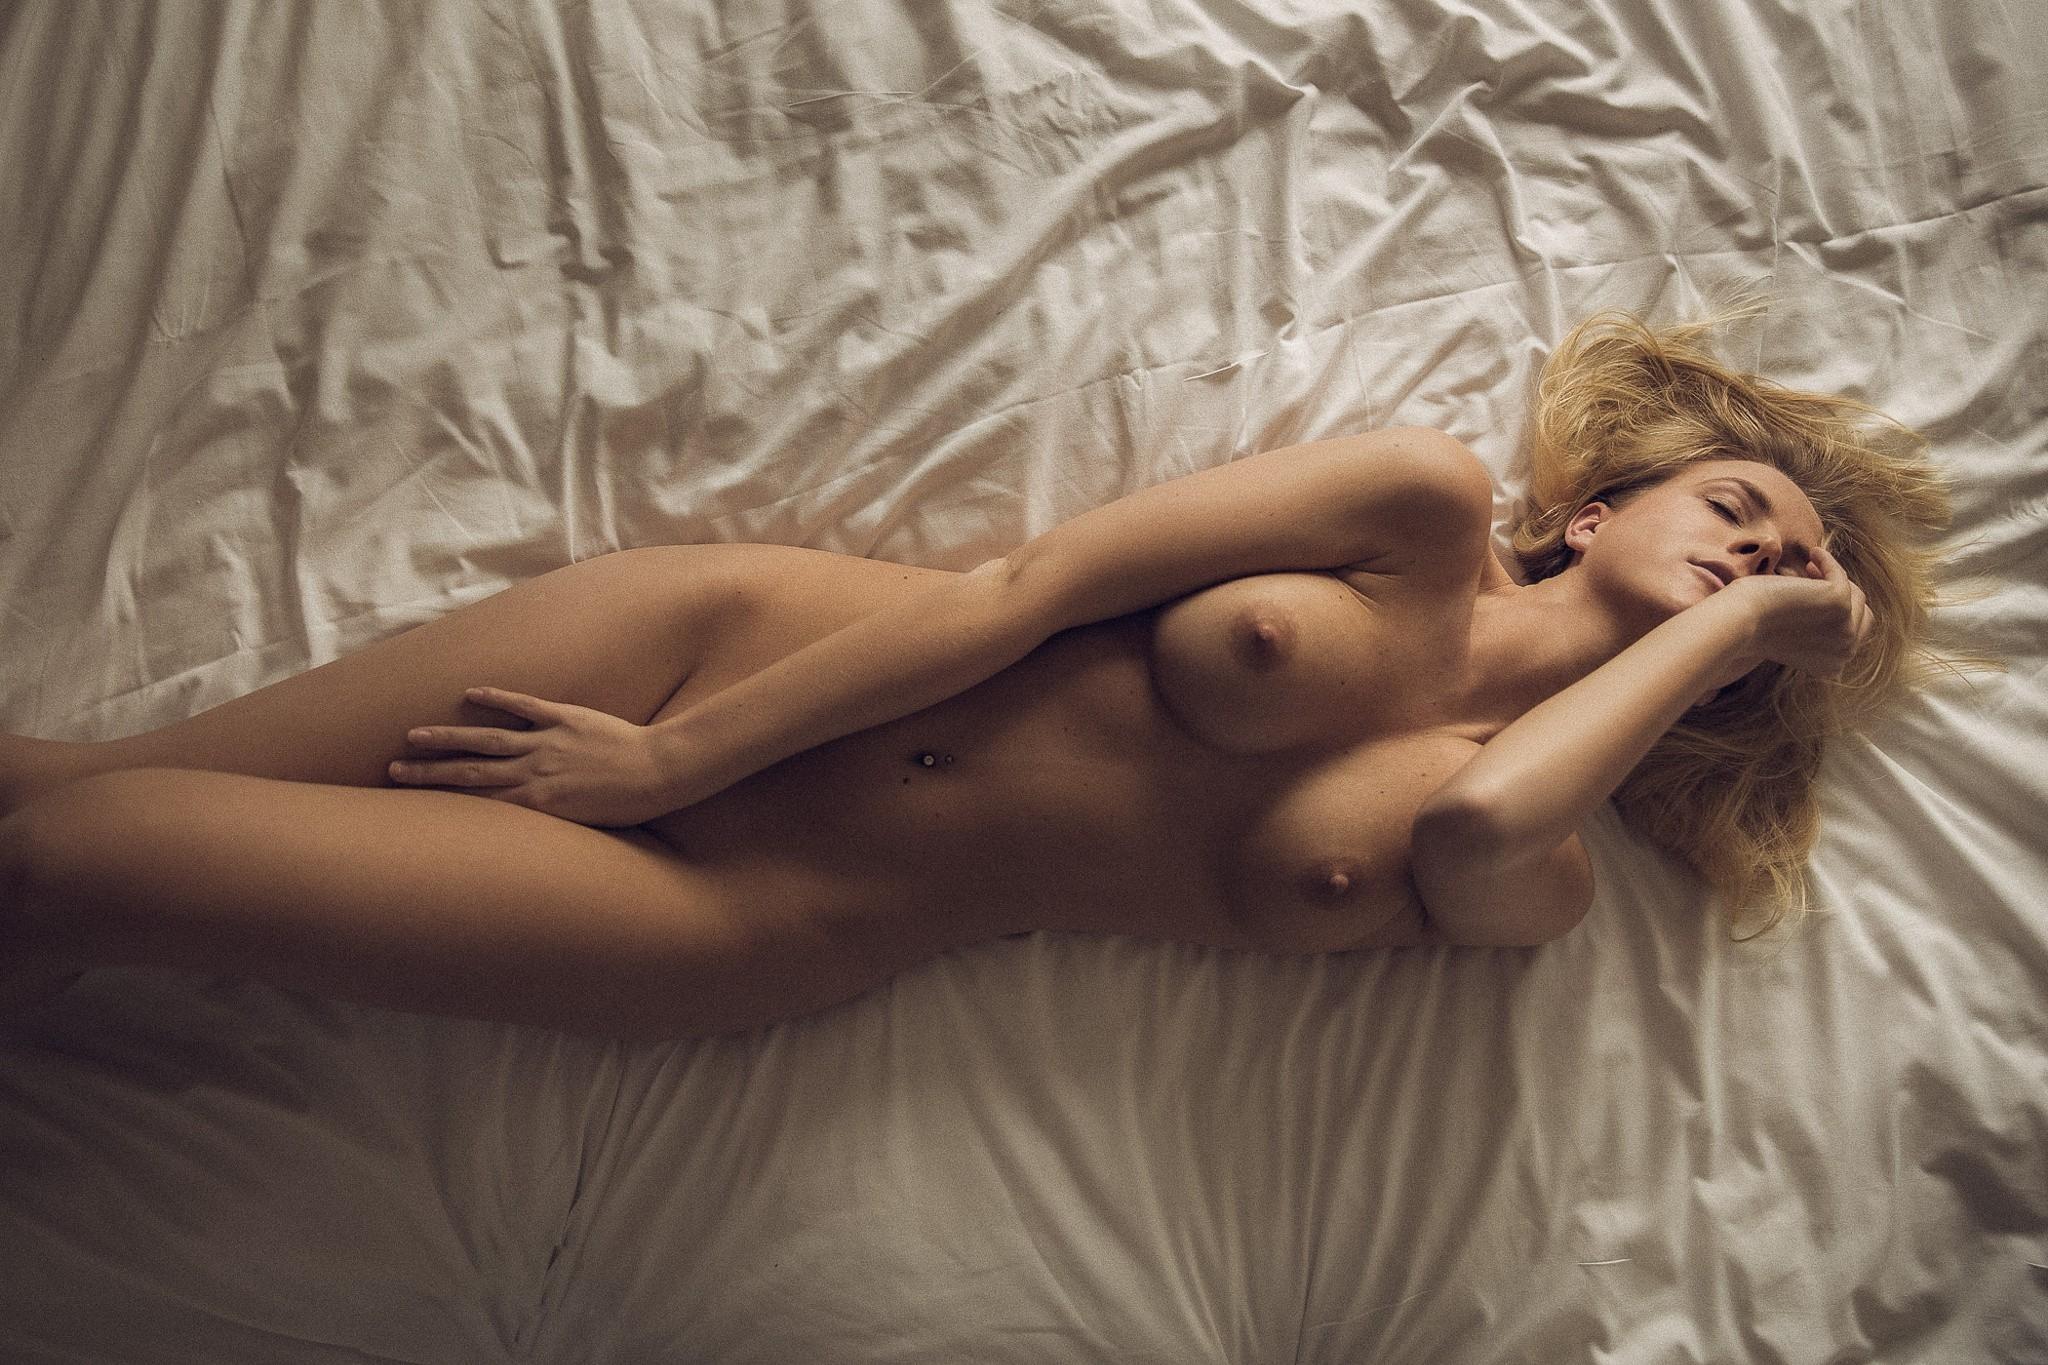 xxx обои для рабочего стола картинки голых девушек на